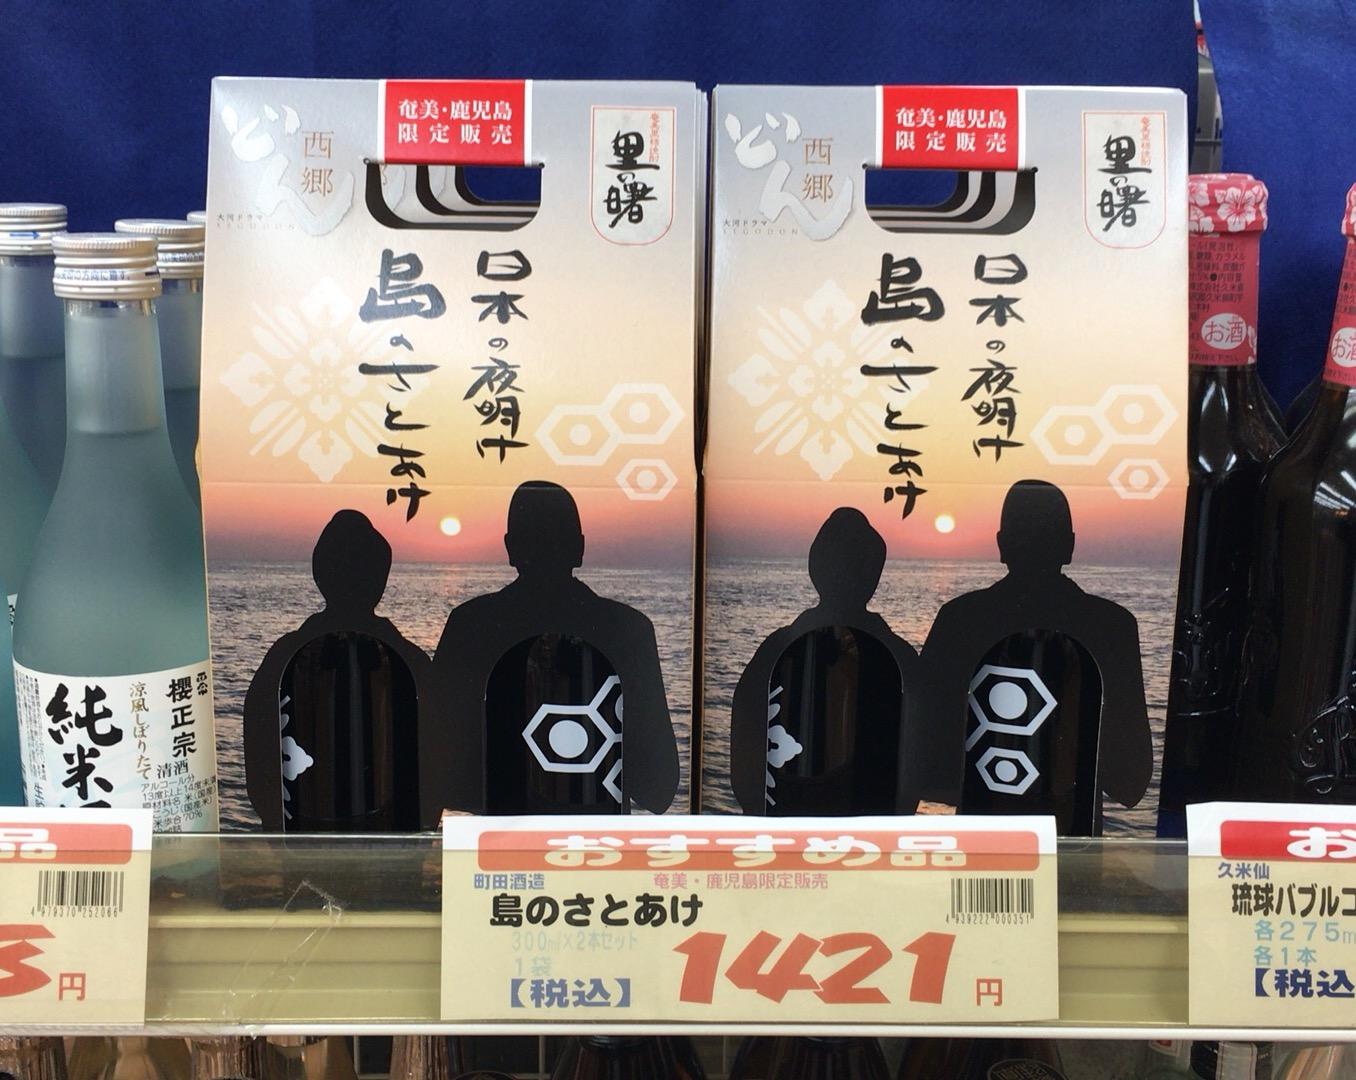 大河ドラマ西郷どんは奄美大島編で人気上々!